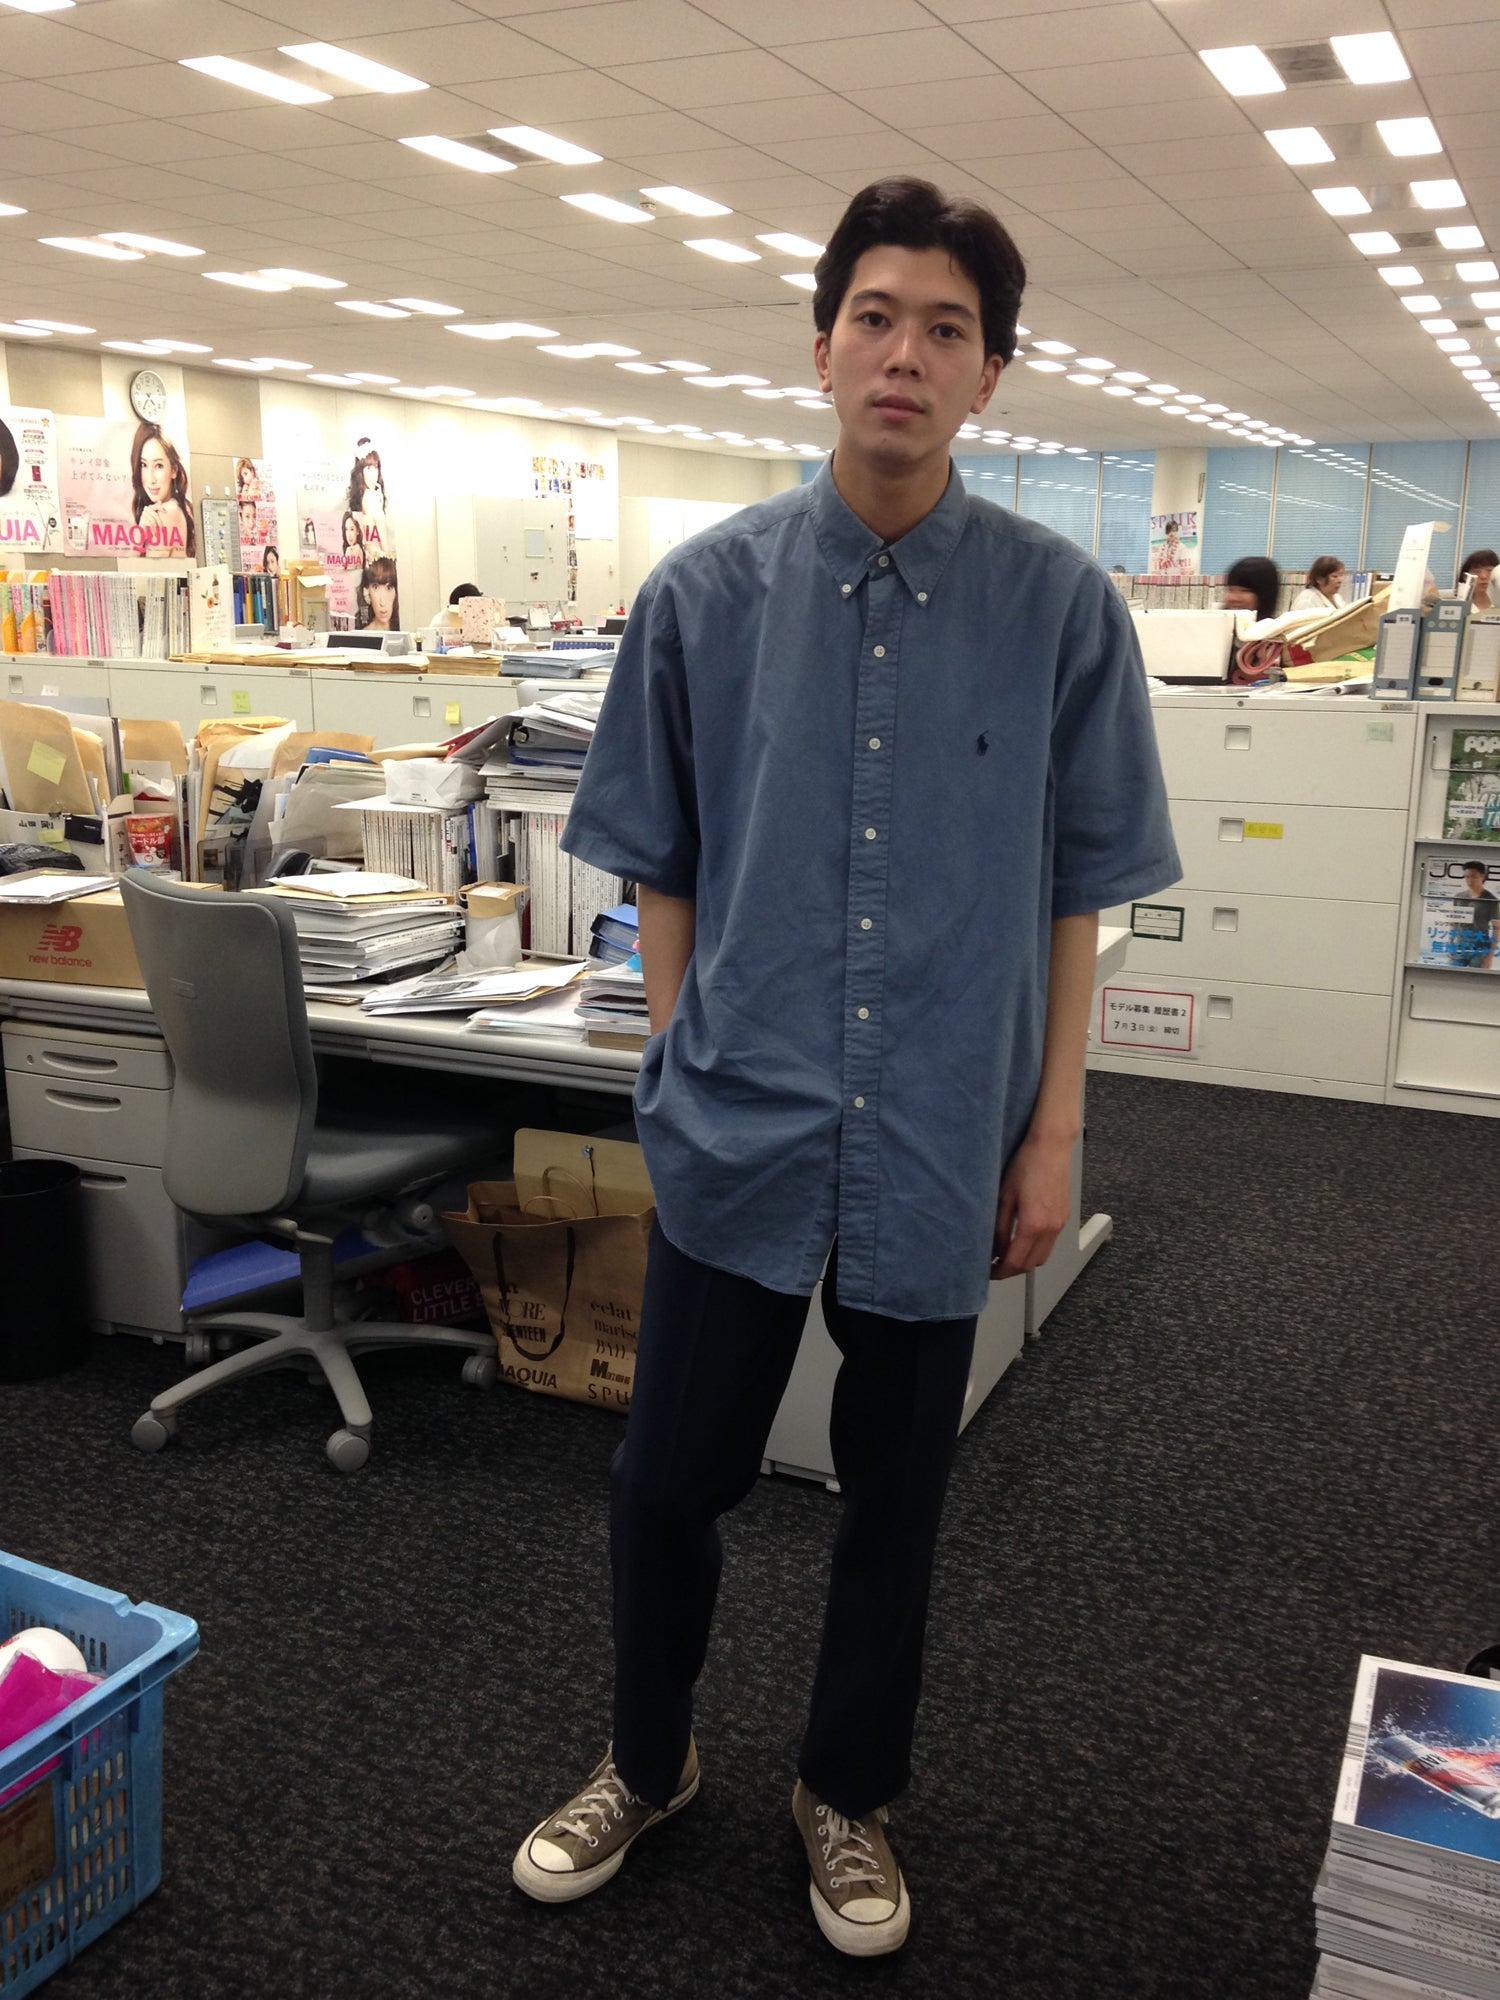 トレンドは自分にはあまり関係なく、もともと大きめのトップスは好きなので、今日のシャツもビッグサイズです。パンツは山本寛斎さんがデザインされた作業着で、「カンサイユニフォーム」という知る人ぞ知るブランドです。脚を180度開脚しても破れないですし、シルエットも奇麗。現場の設営や私服でも重宝しています。